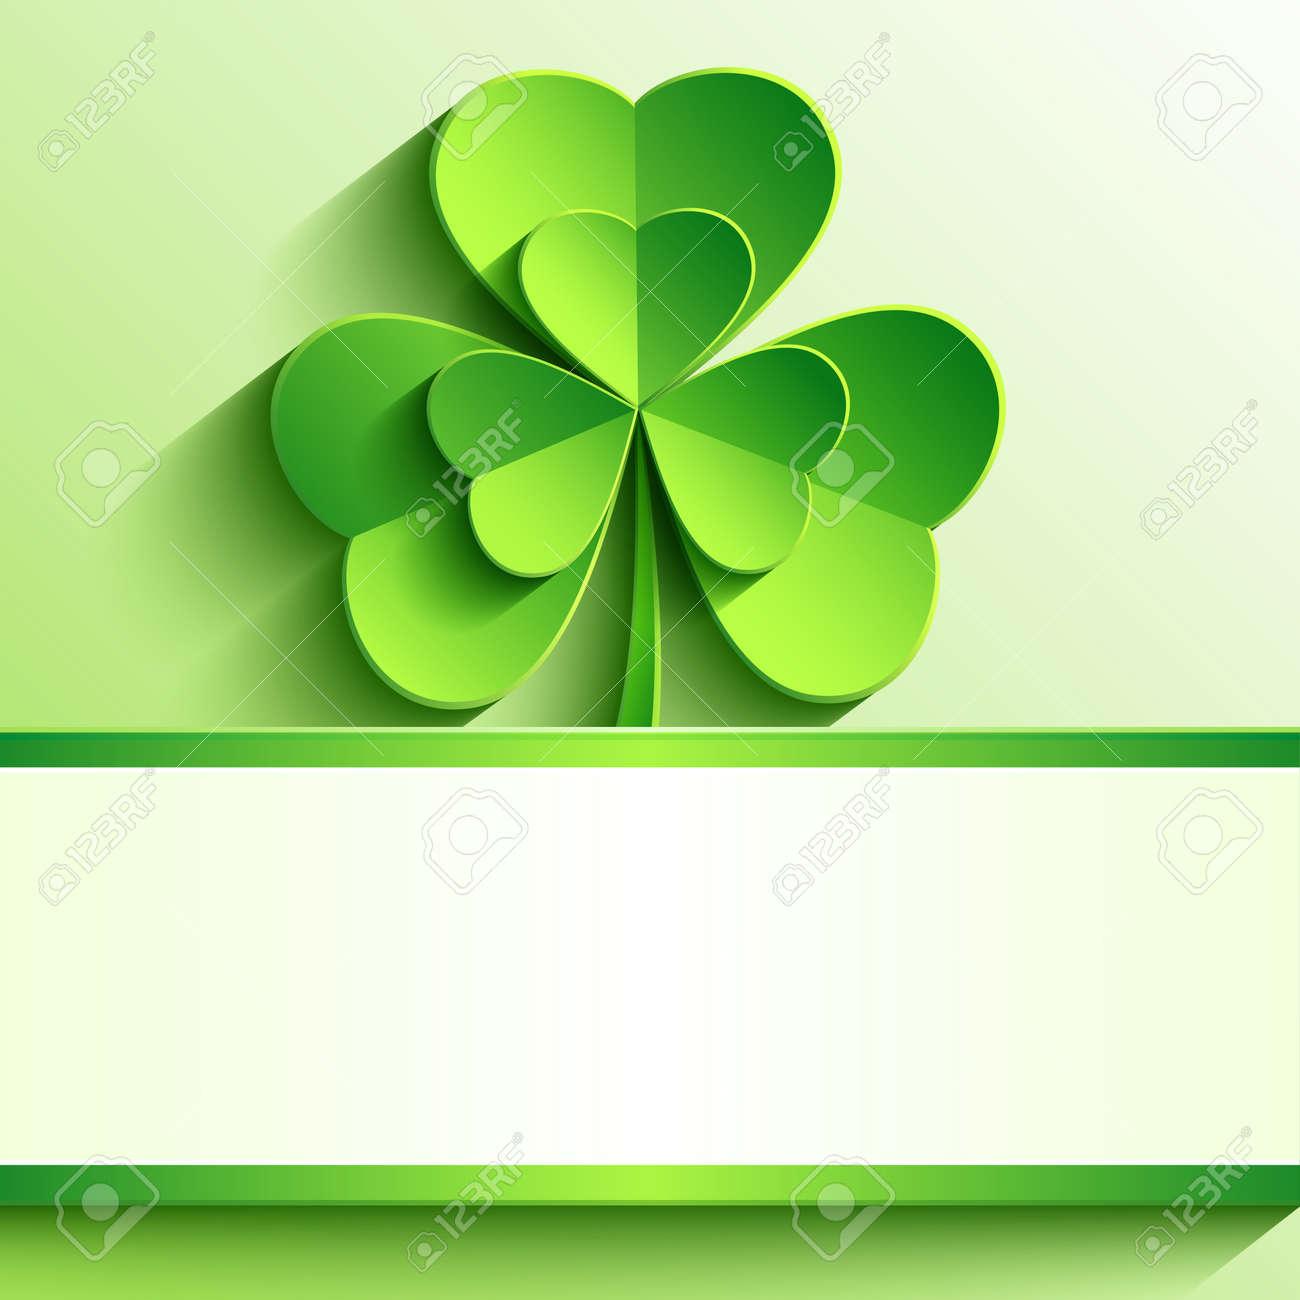 スタイリッシュなモダンな聖パトリックの日カード緑 3 D と葉の